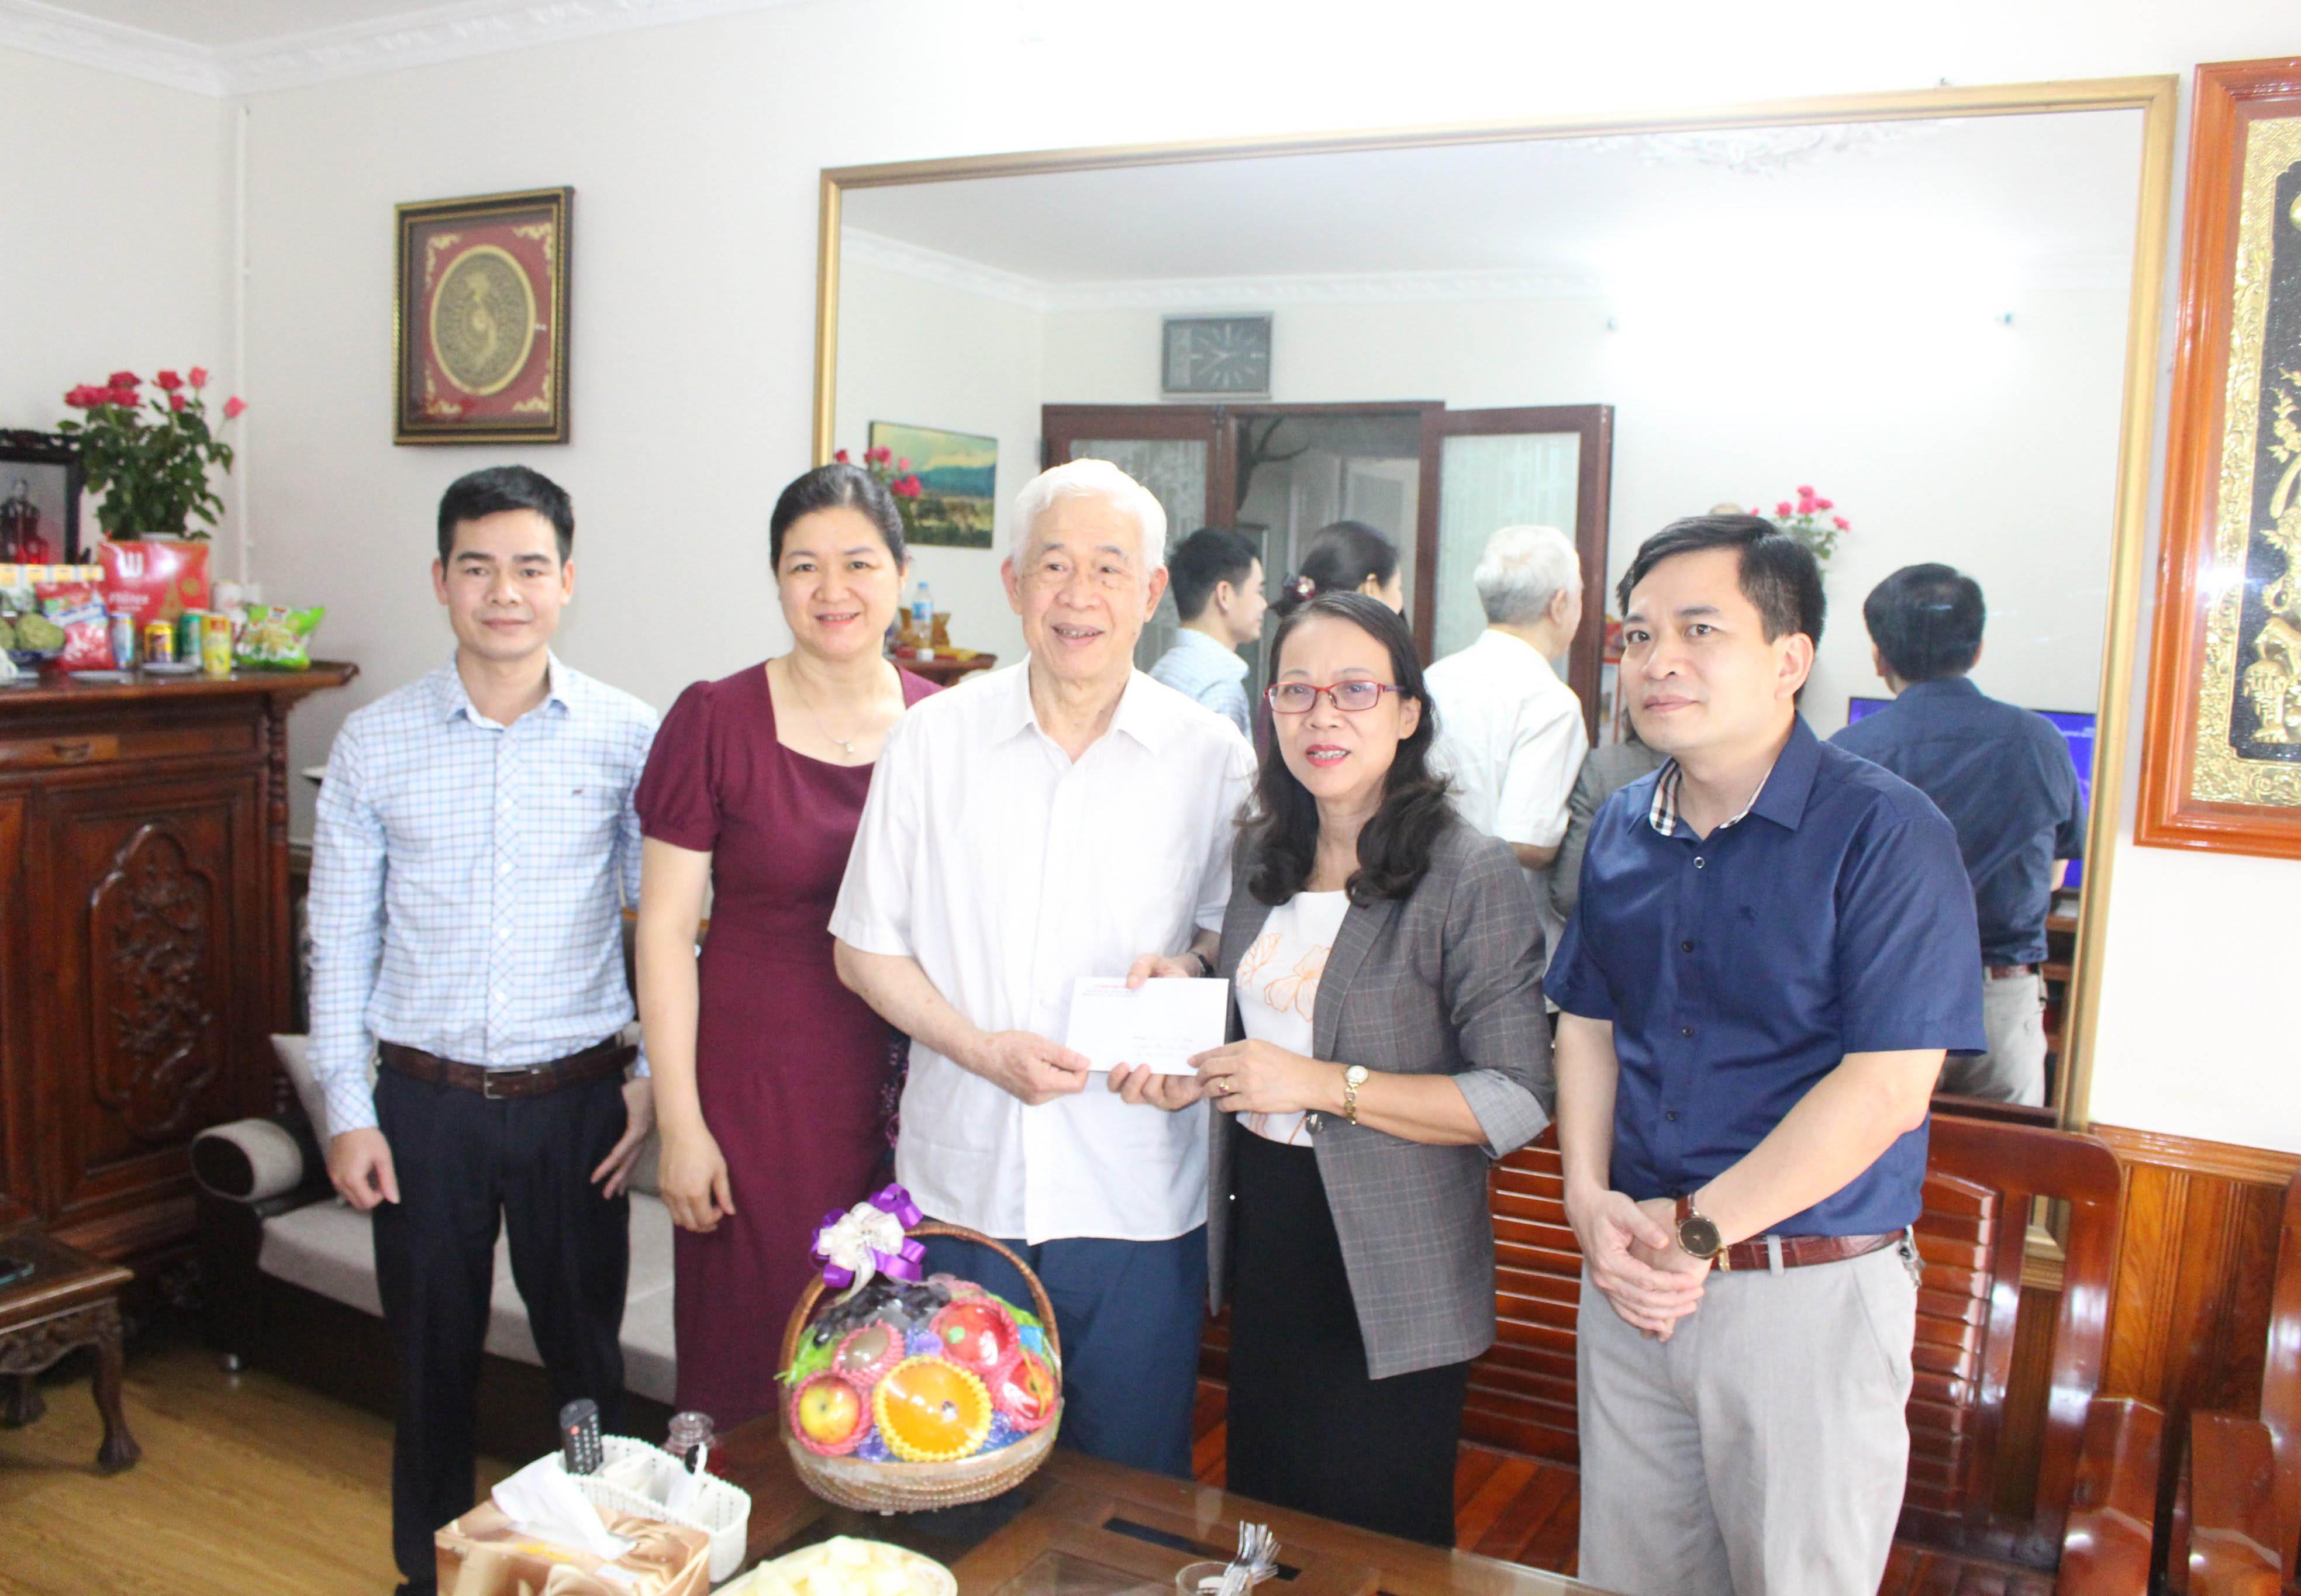 Thứ trưởng, Phó Chủ nhiệm Hoàng Thị Hạnh tặng quà cho ông Lù Văn Que, nguyên Thứ trưởng, Phó Chủ nhiệm Ủy ban Dân tộc